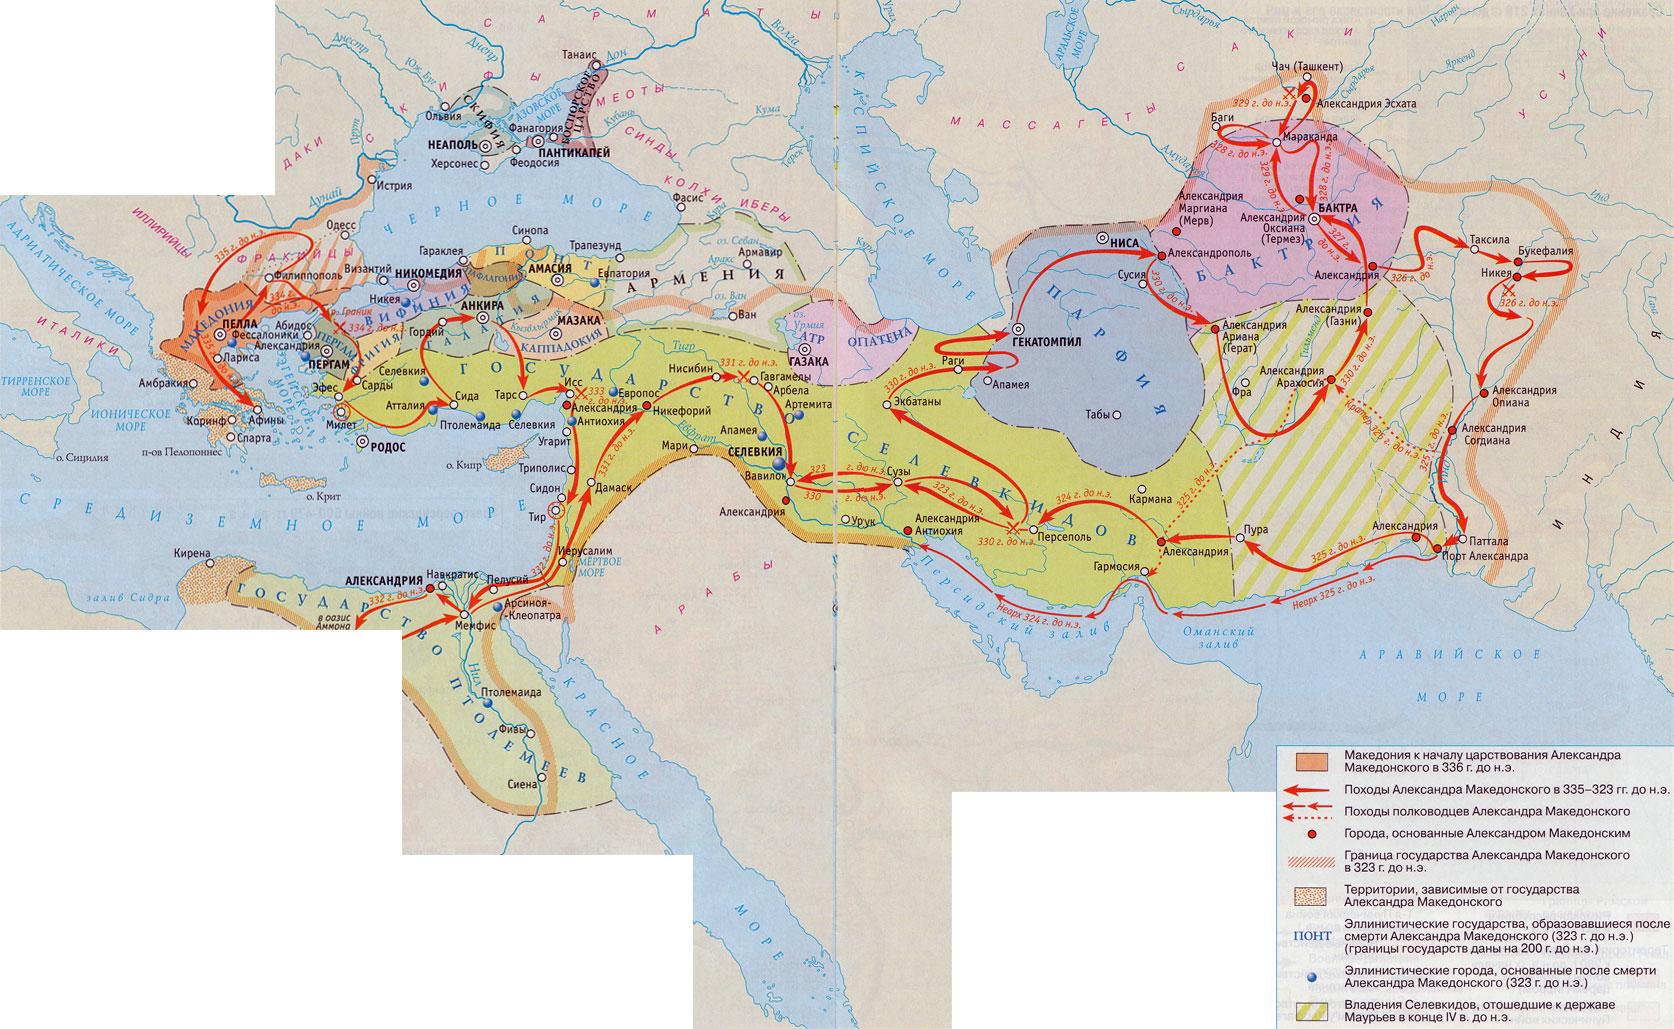 ближний восток в современном мире: